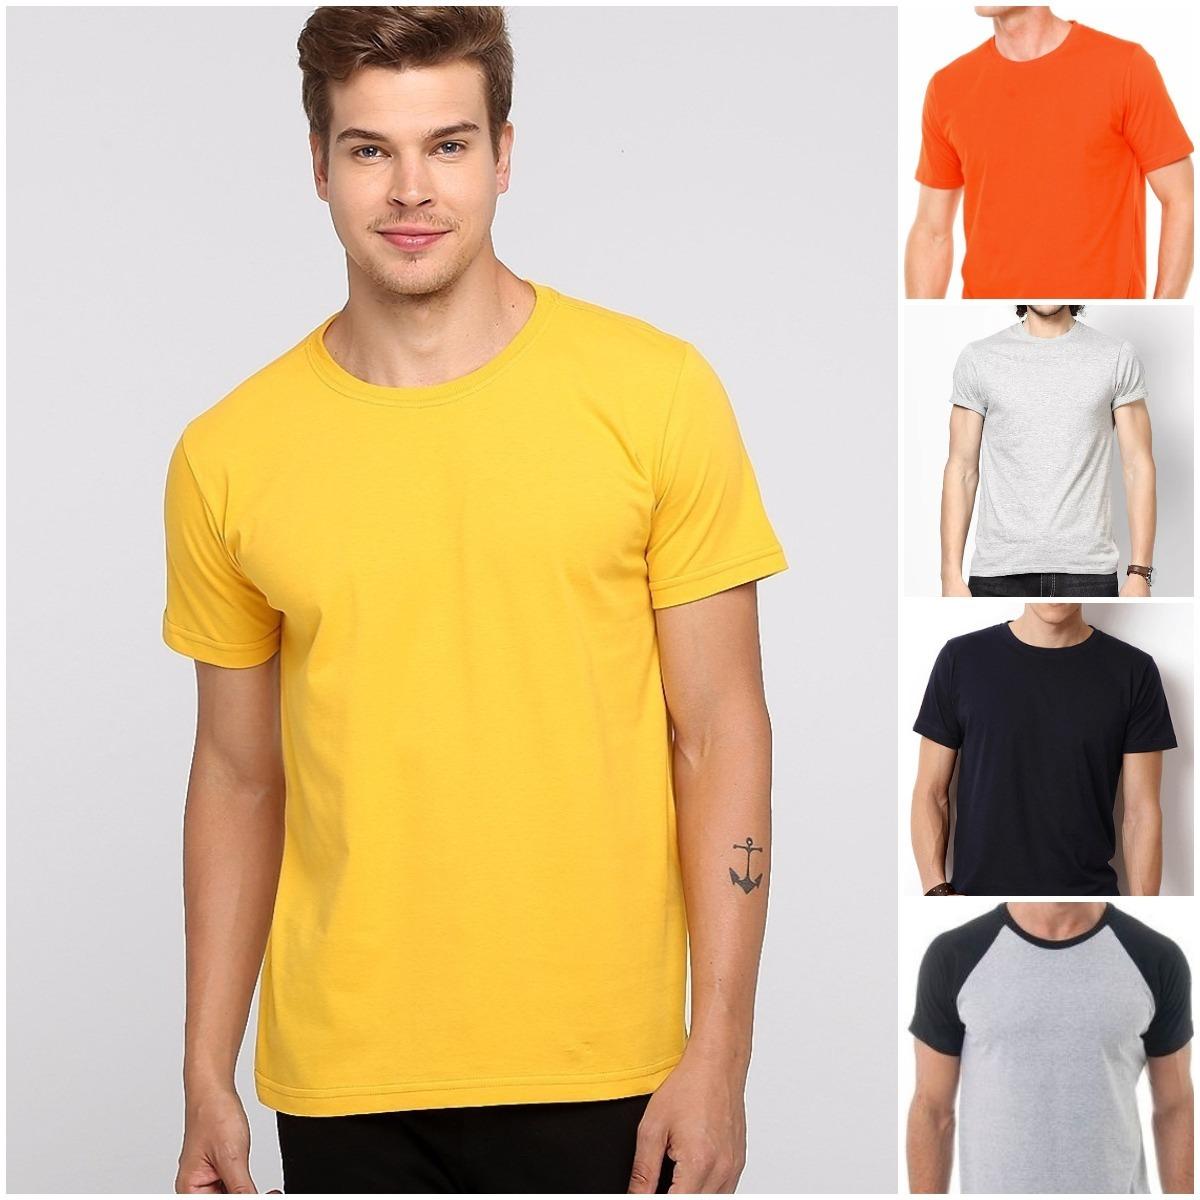 Camiseta Amarela De Algodão Lisa Básica Tradicional Camisa - R  19 ... 20cc84c308